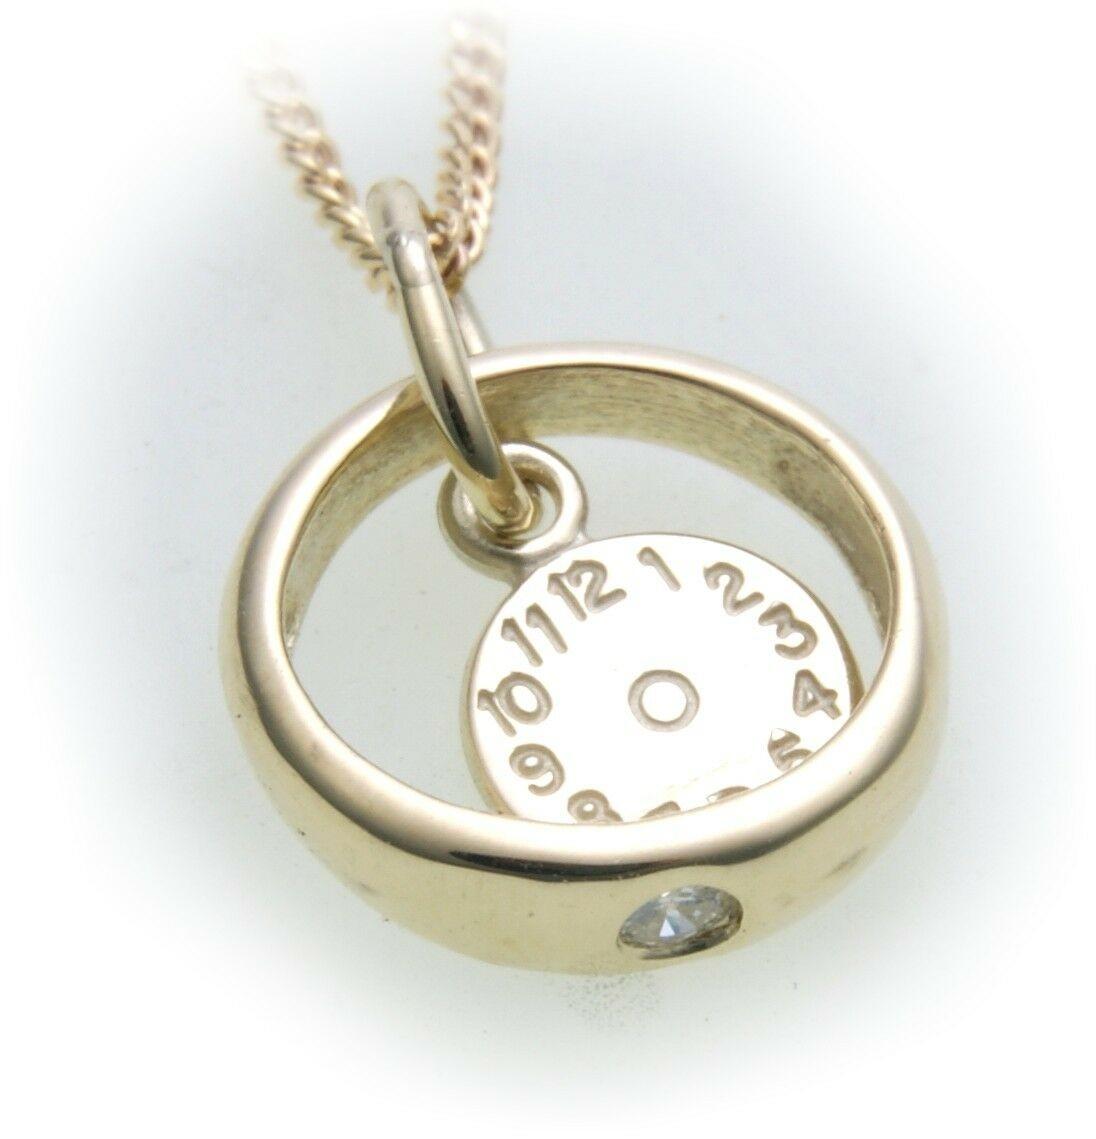 Taufring mit Uhr Zirkonia 585 Gold poliert ohne Kette 14kt Taufe Baby Qualität